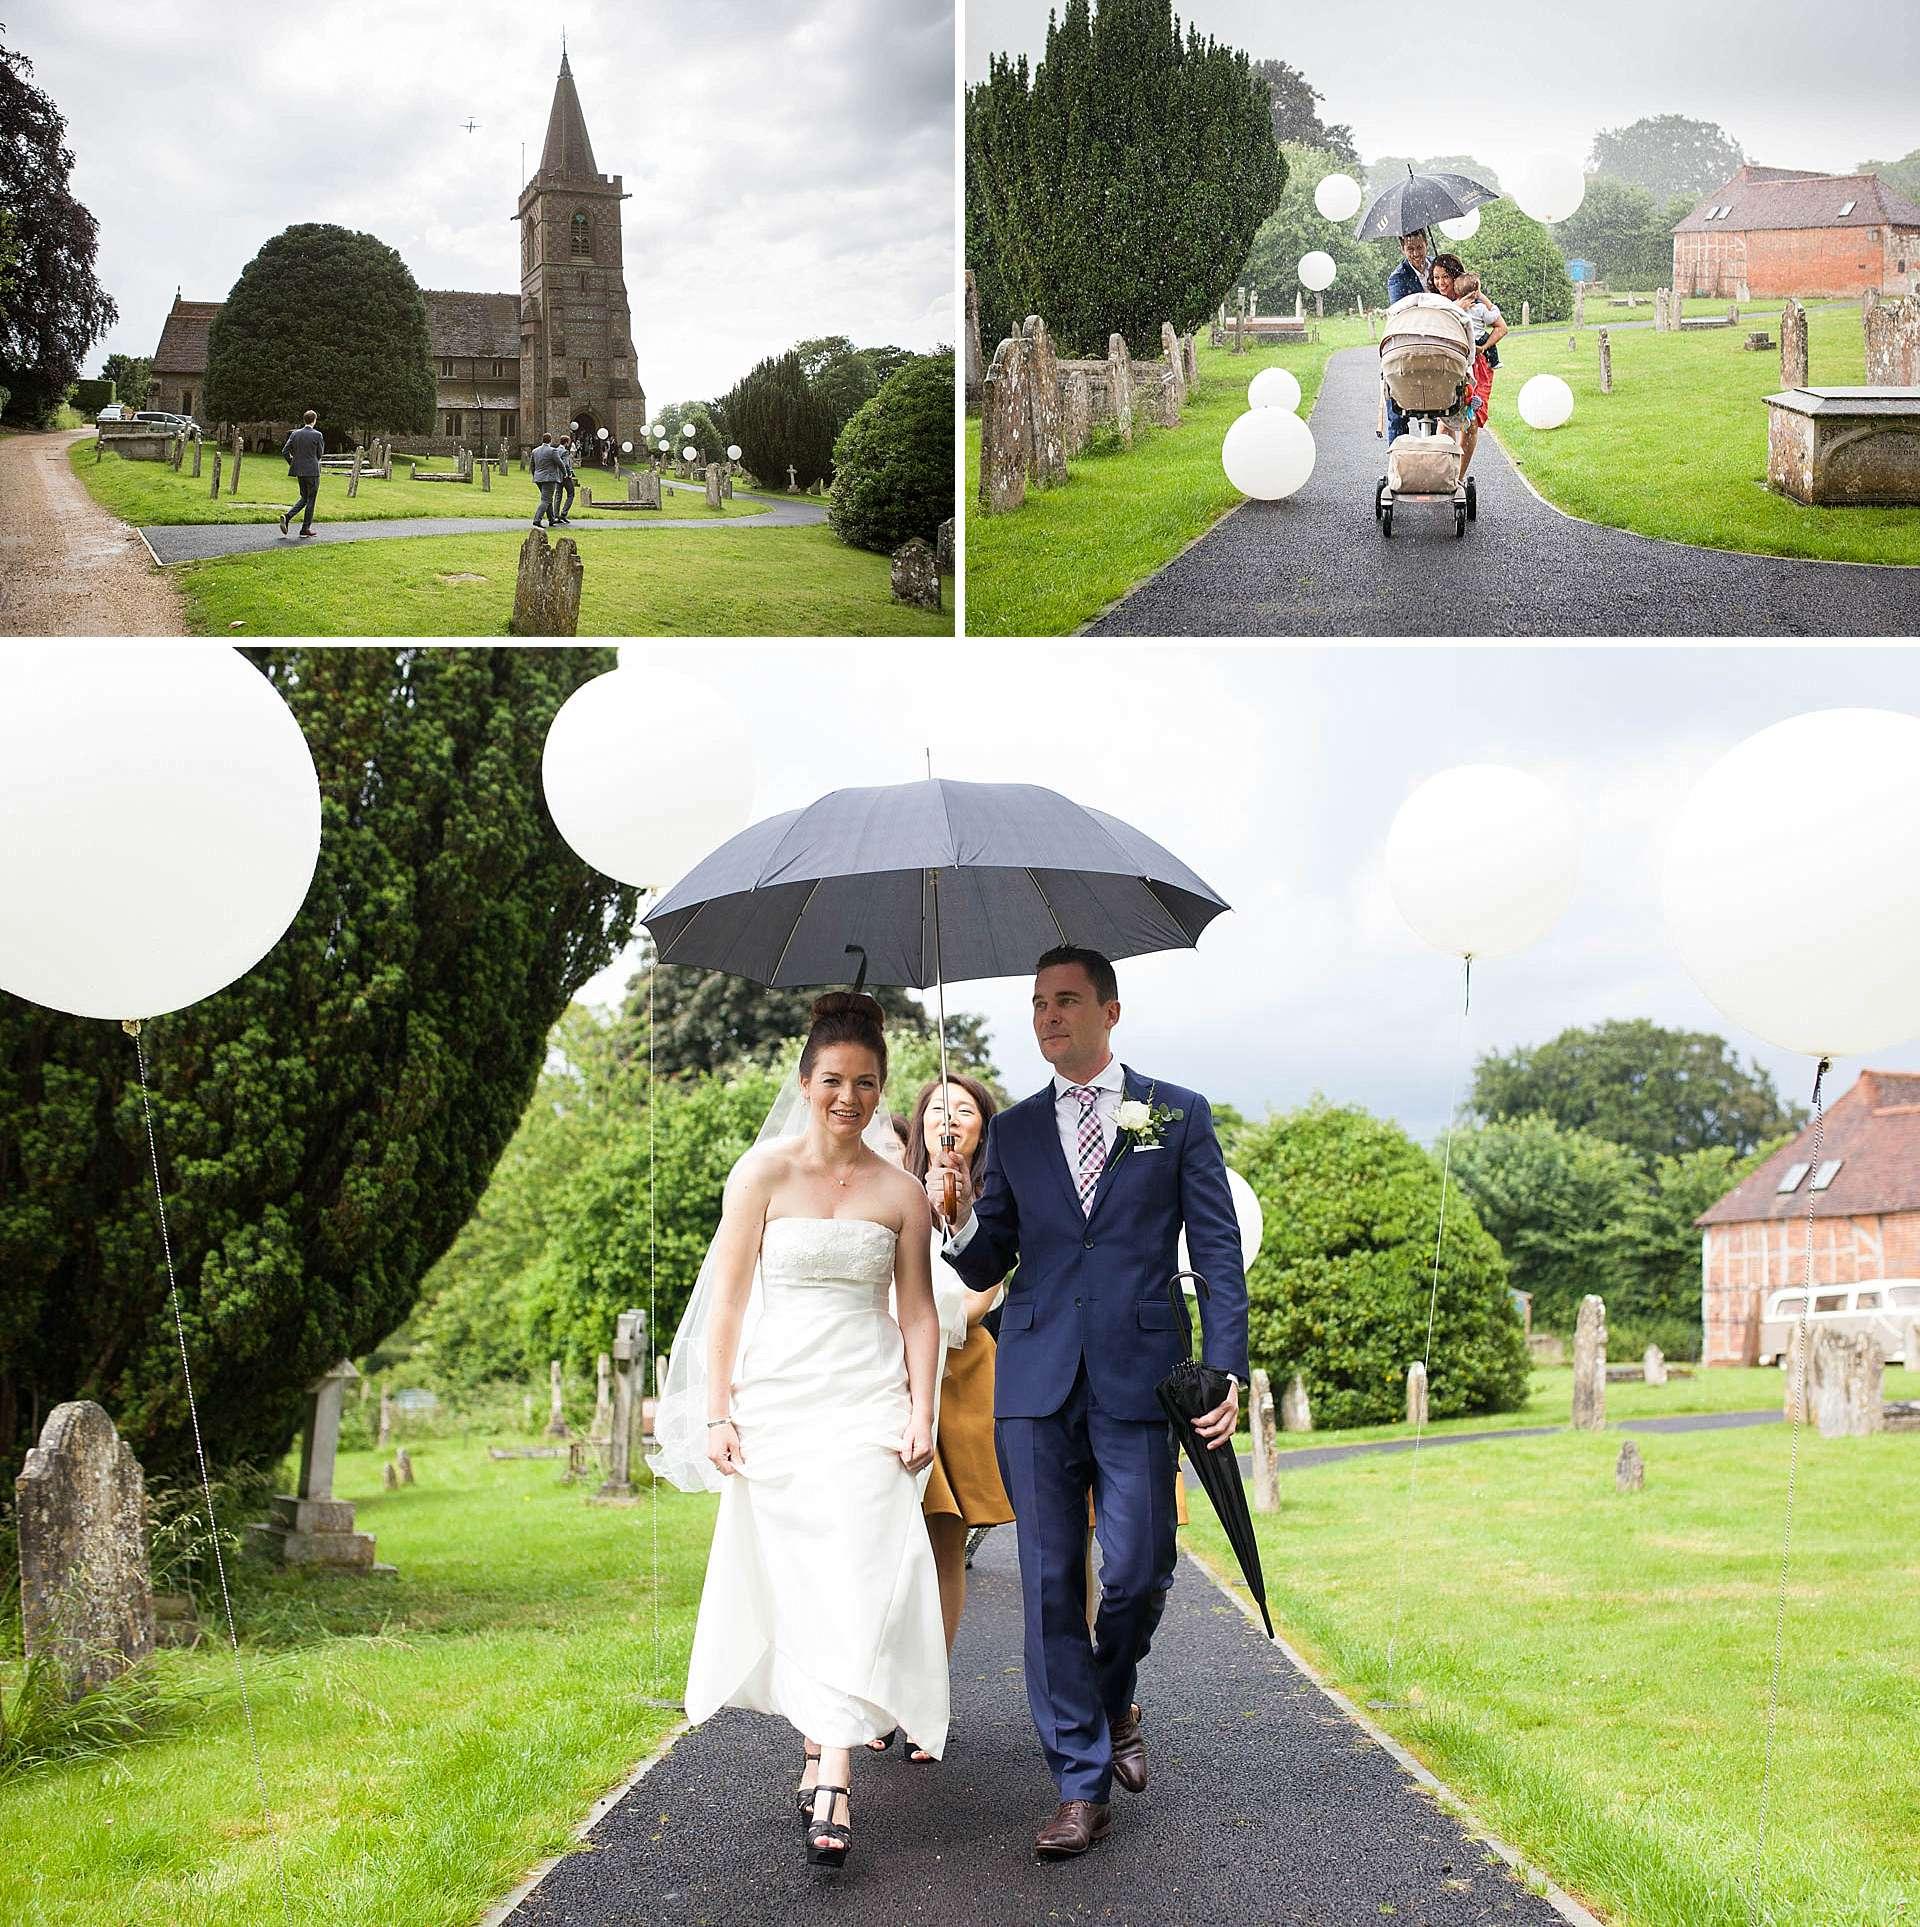 Twyford wedding photographer